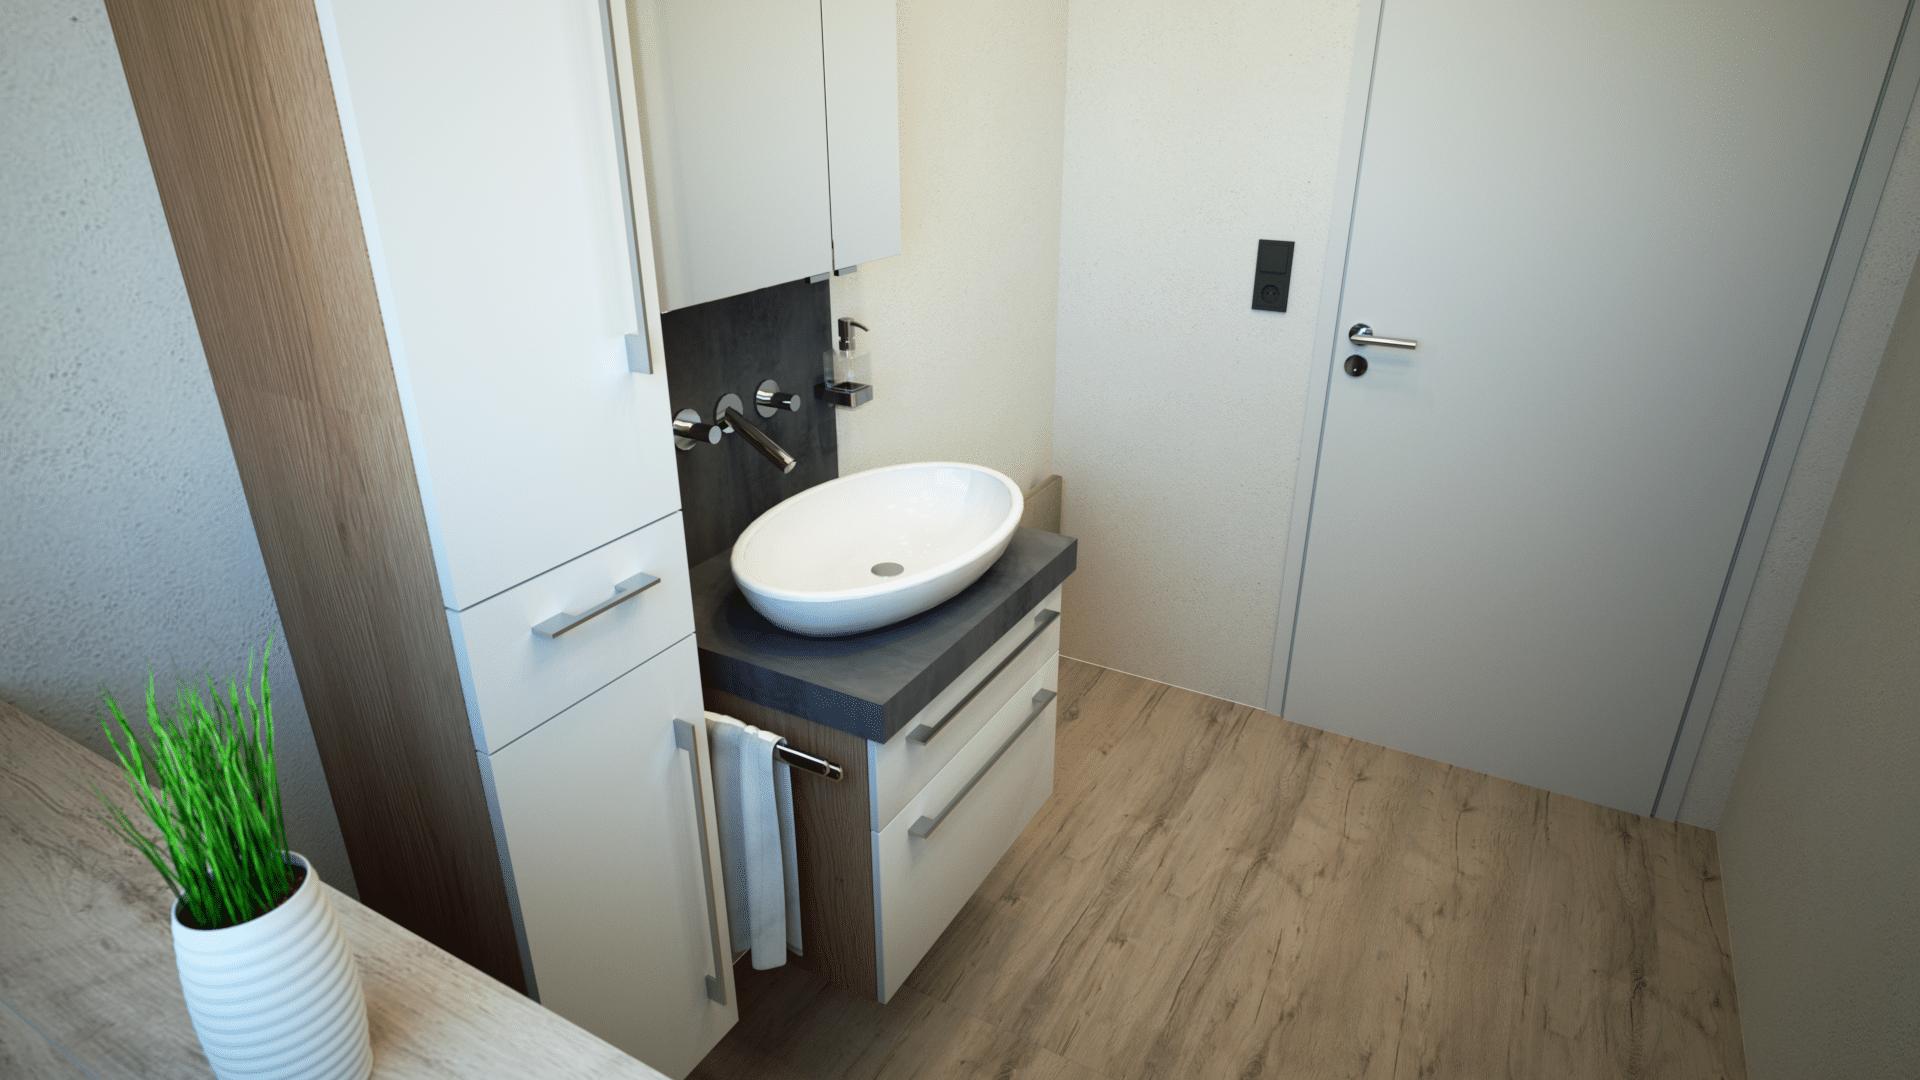 Gäste WC aus Badplanungssoftware